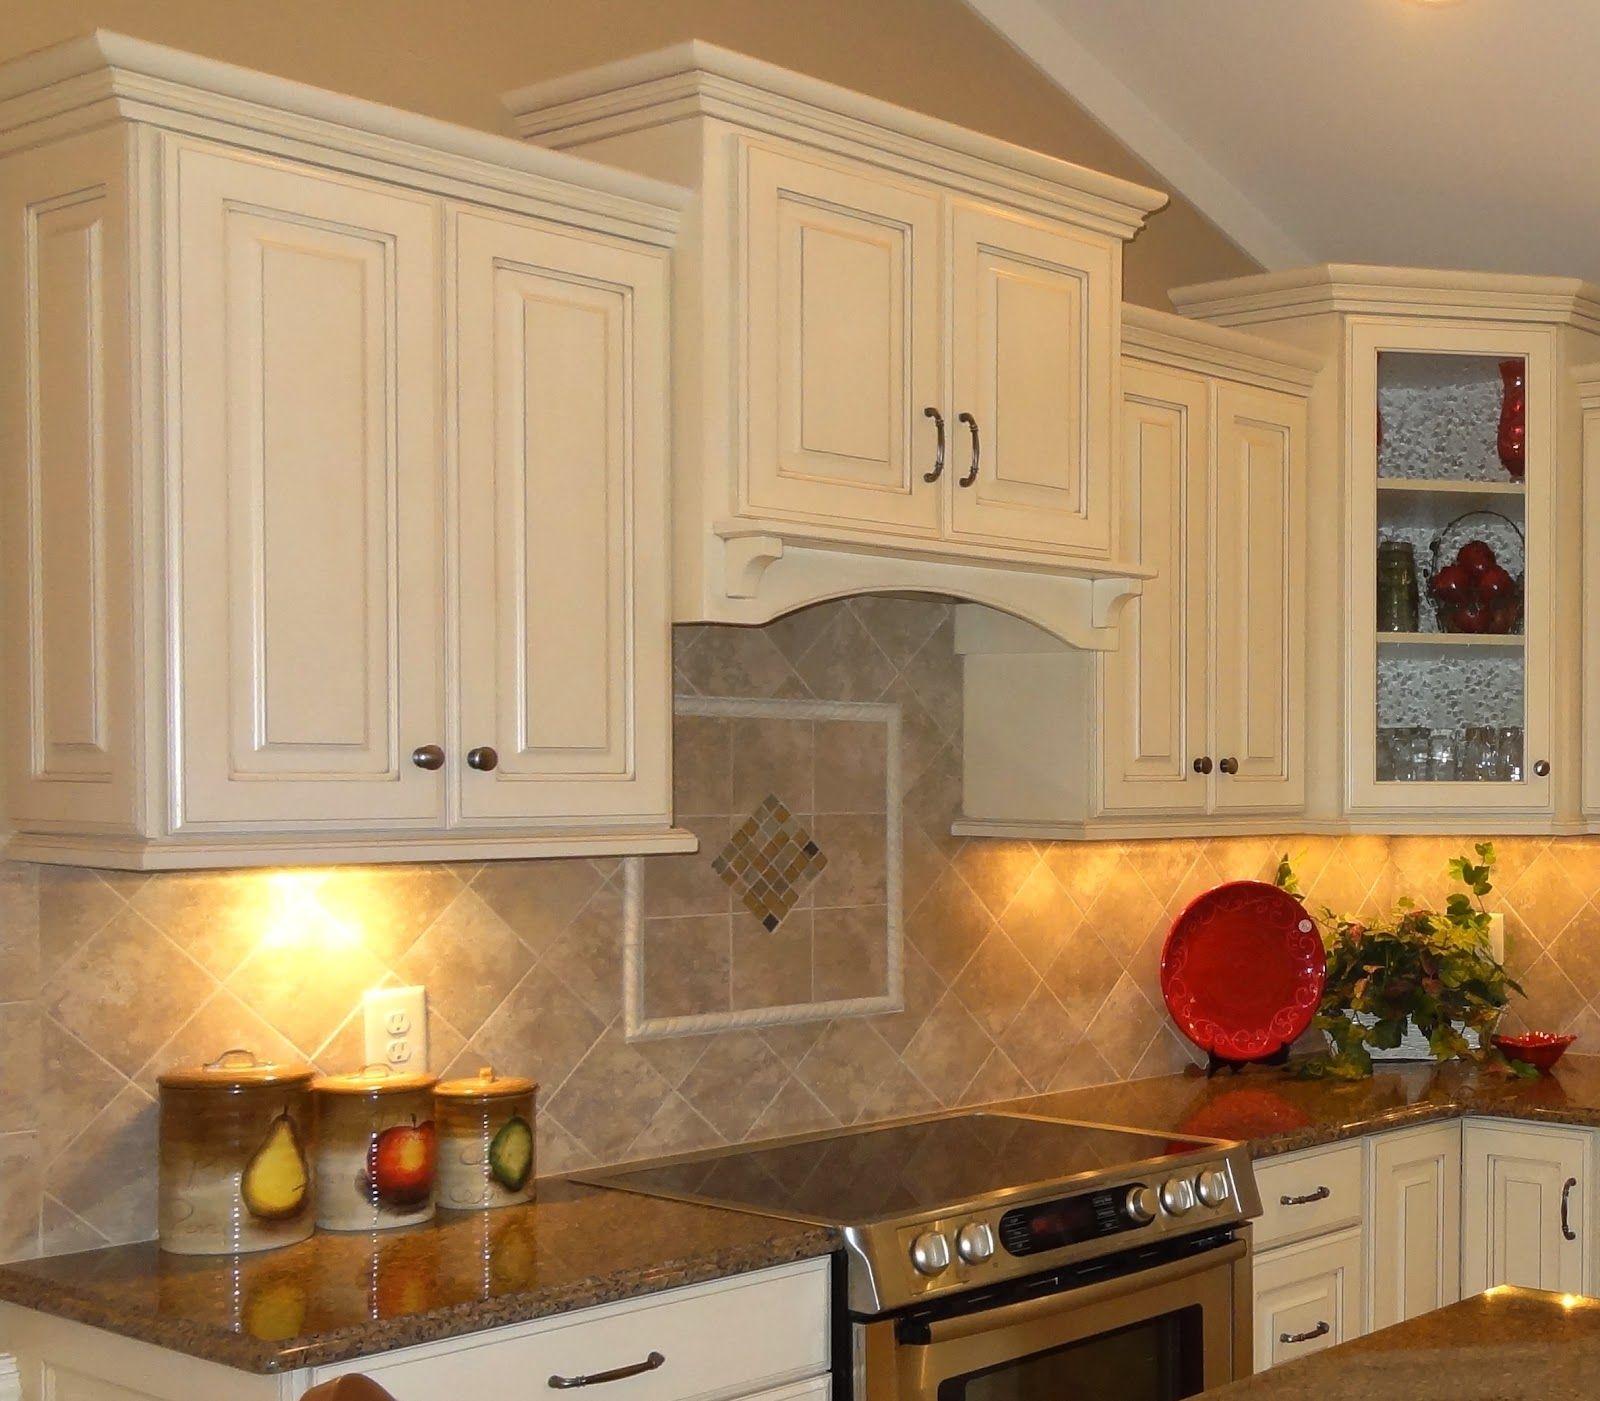 lowes kitchen ideas Kitchen Backsplash Designs Photo